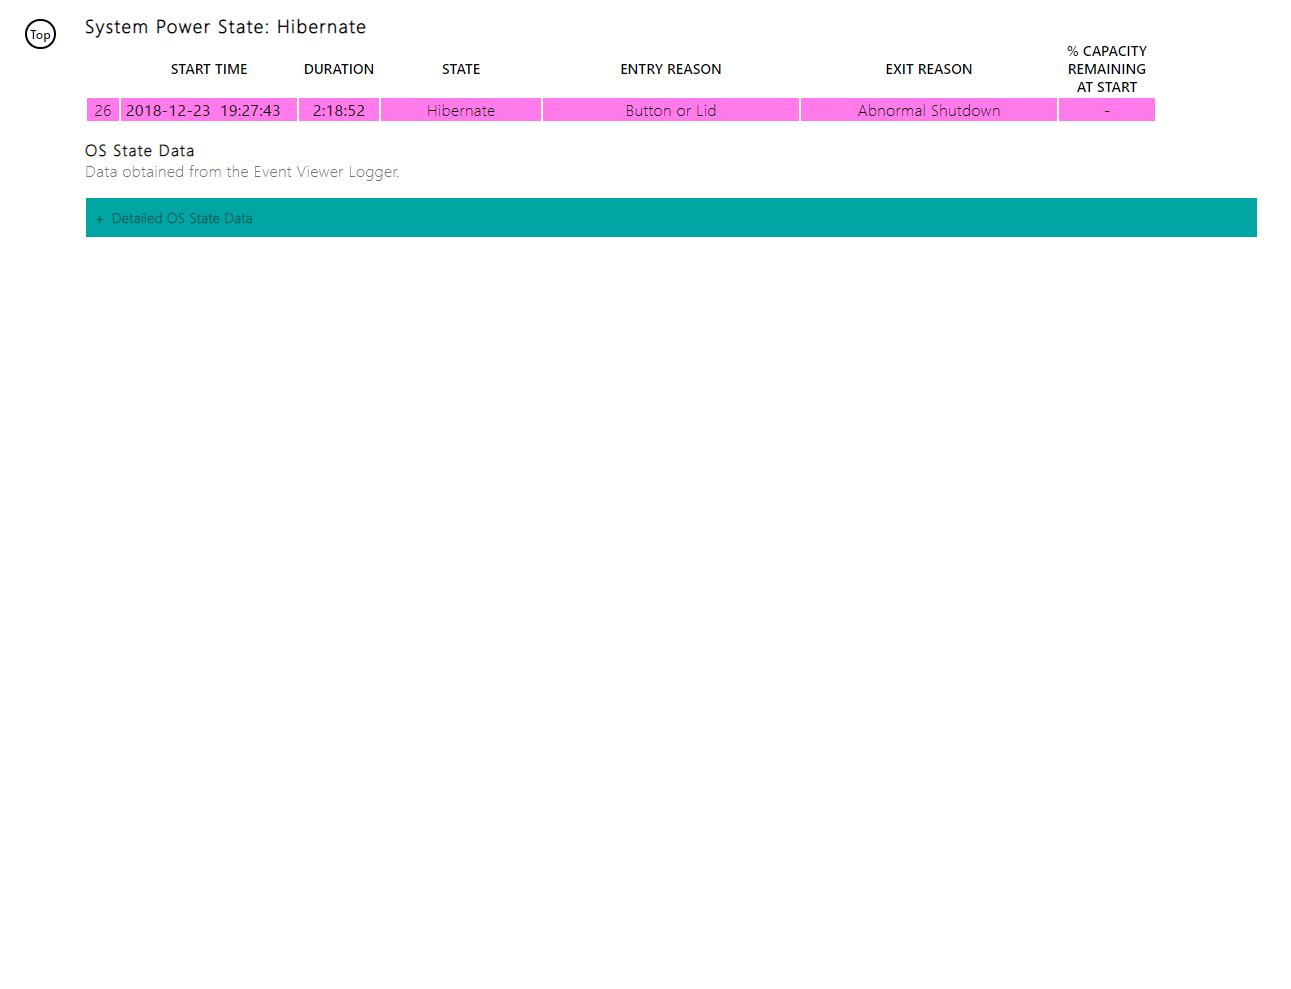 abnormal system shutdown 002f2fb2-ccc2-423b-a191-1295459f11d5?upload=true.png